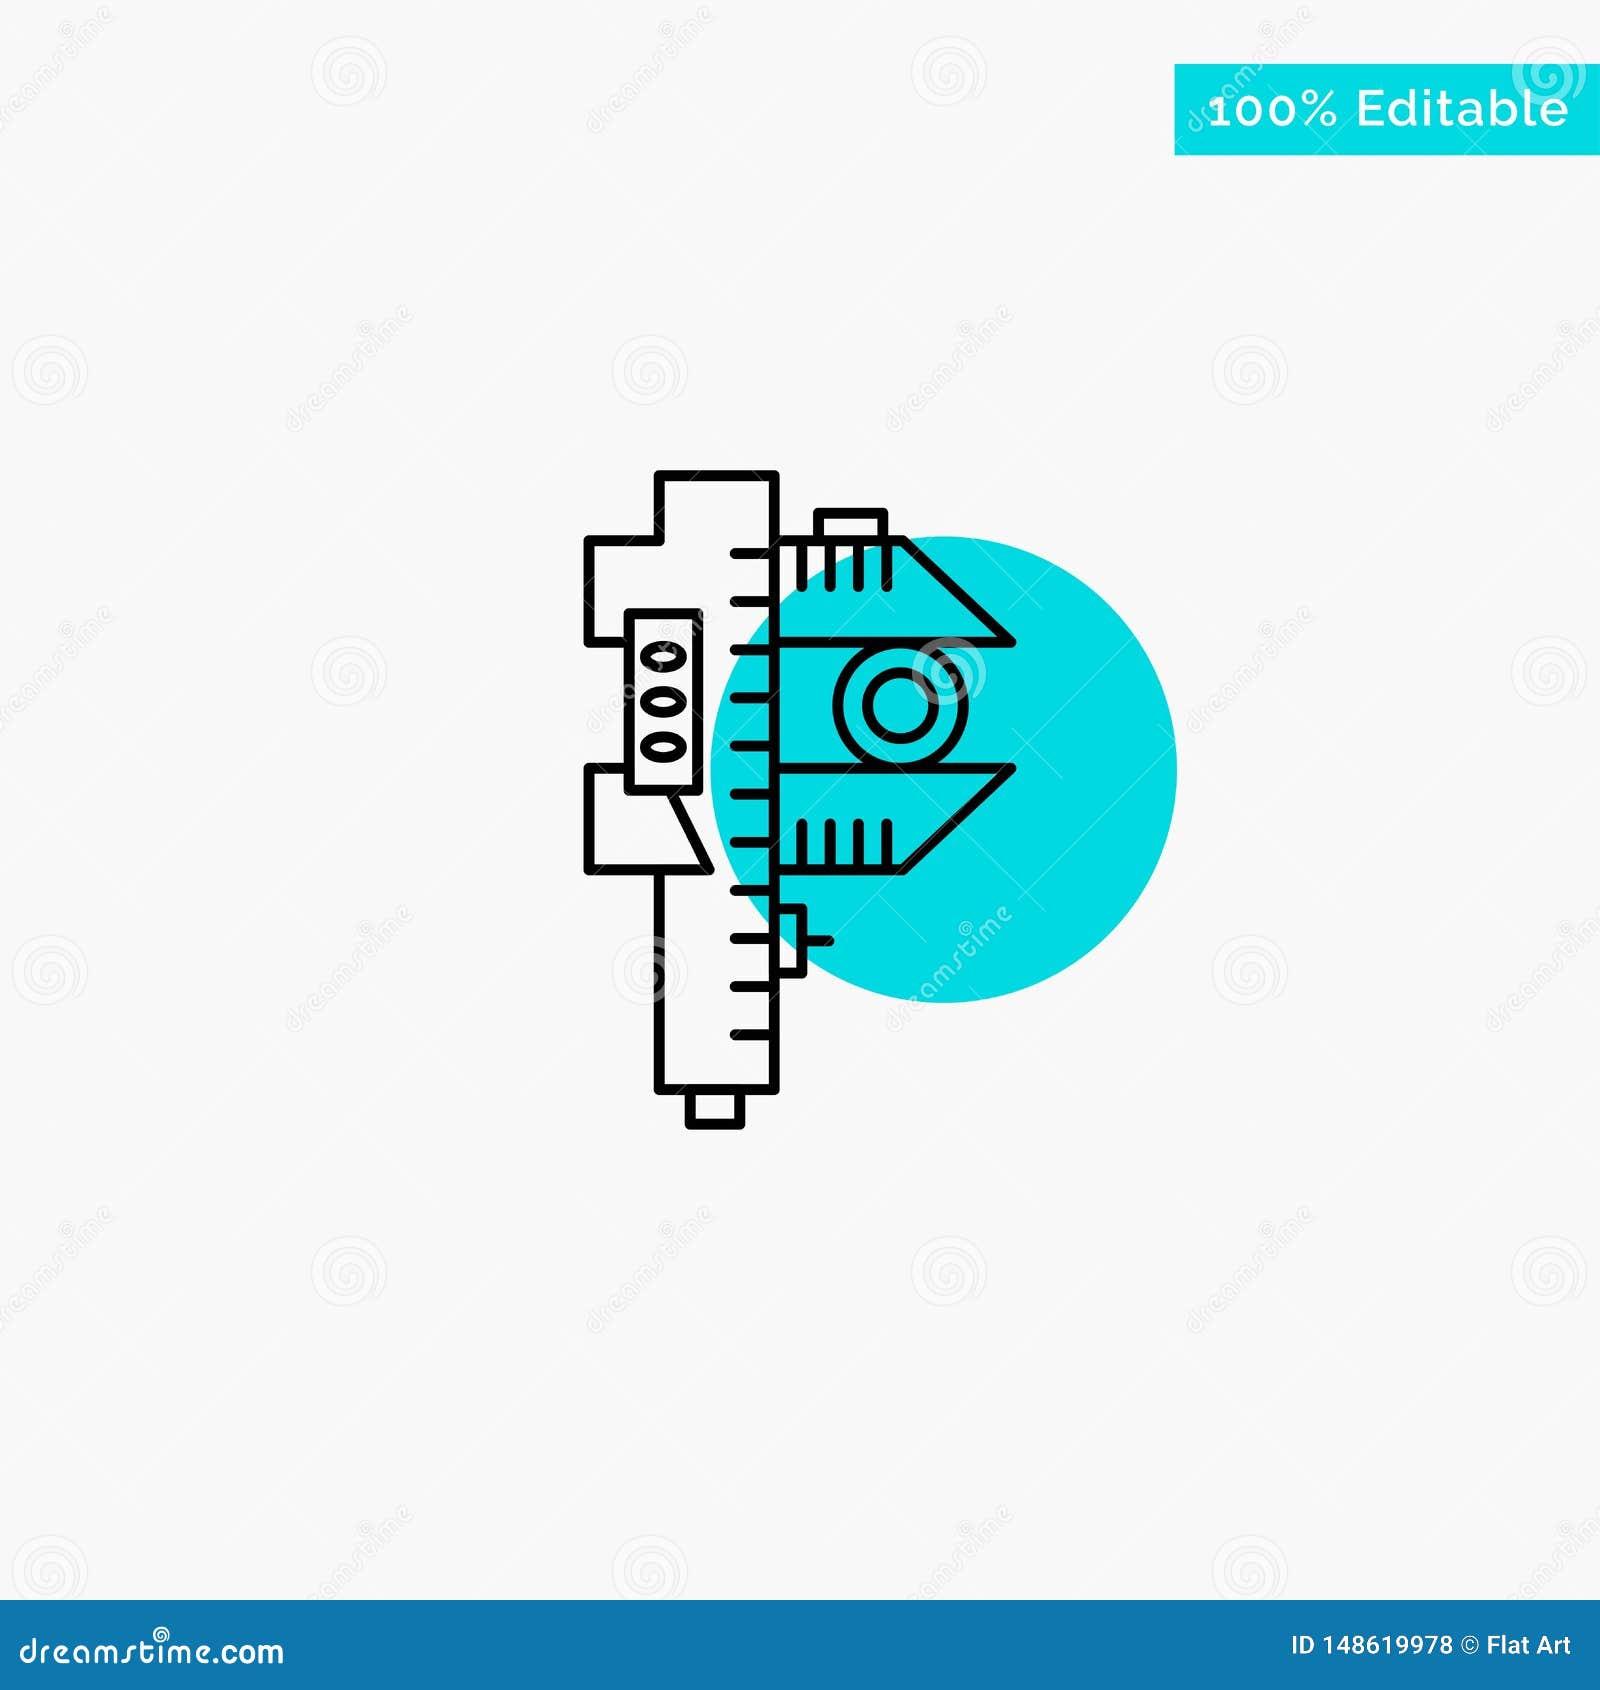 Mierzący, dokładność, miara, Mała, Malutka turkusowa główna atrakcja okręgu punktu wektoru ikona,